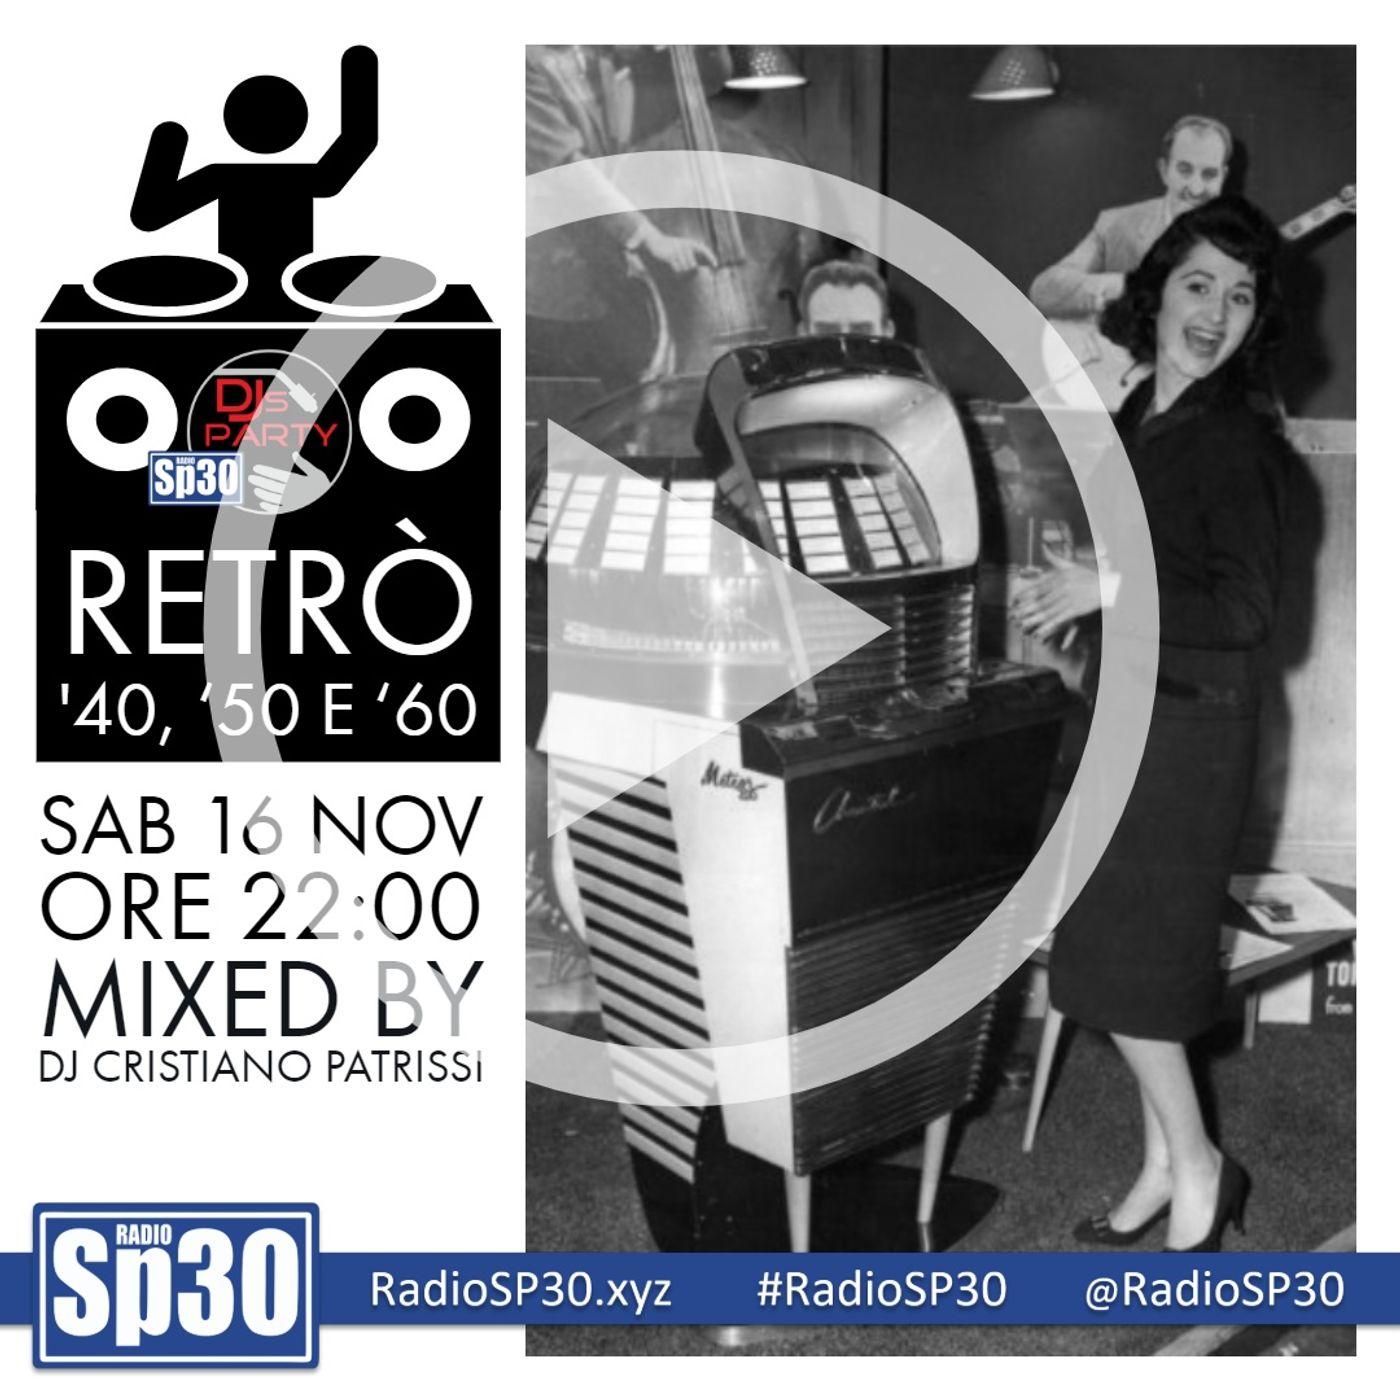 #djsparty - ST.2 EP.7 - Retrò '40, '50 e '60